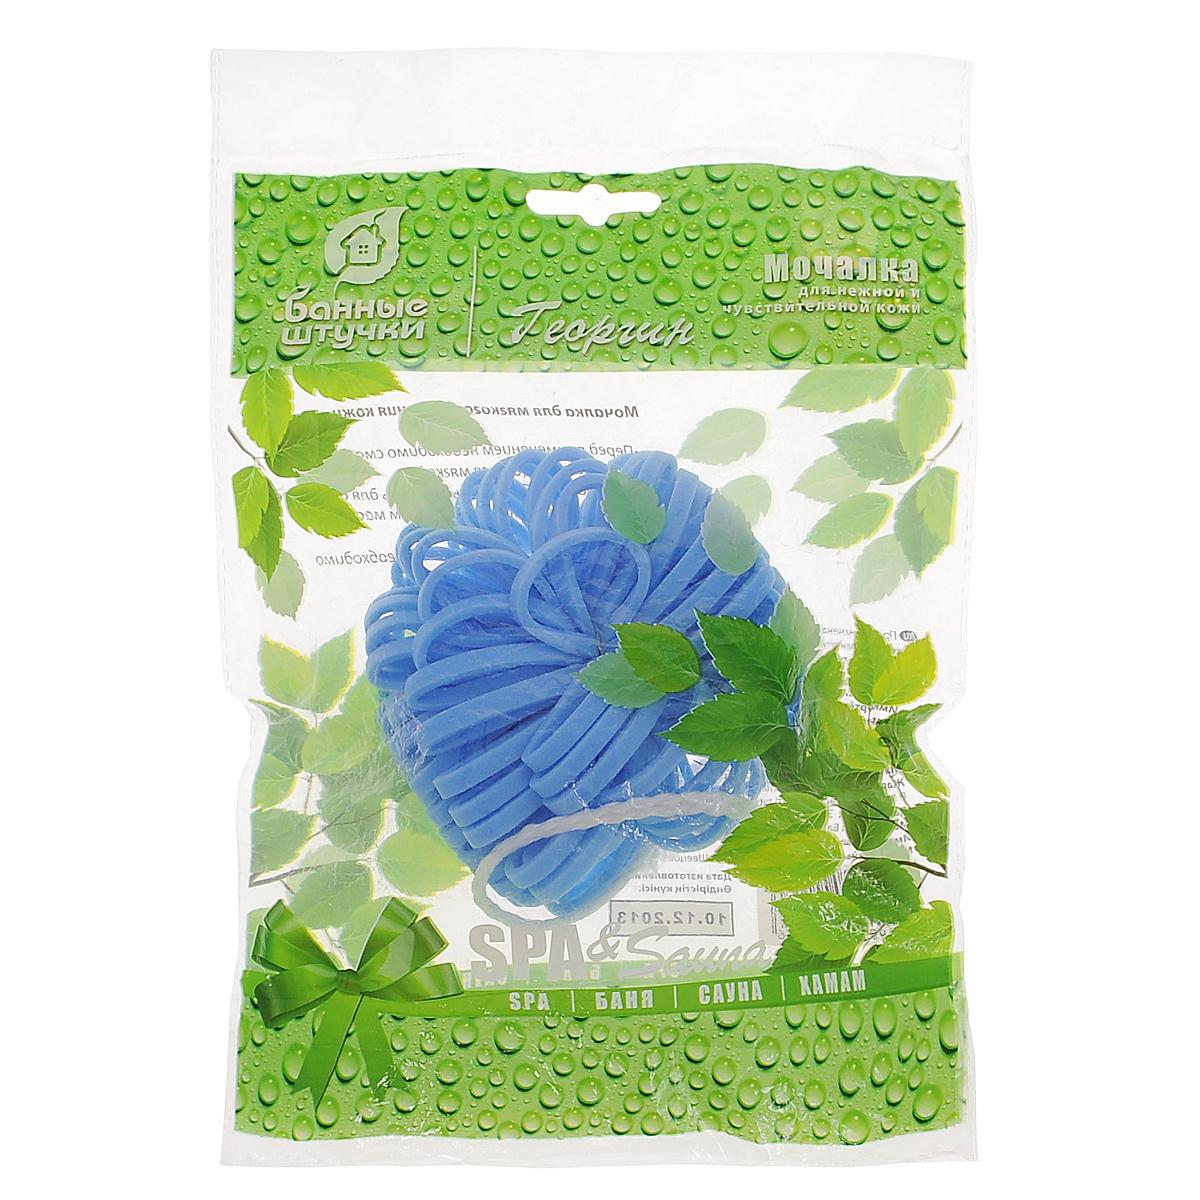 Мочалка Банные штучки Георгин для нежной и чувствительной кожи, цвет: голубой40087_голубойМочалка Банные штучки Георгин изготовлена из синтетического полимера в виде цветка георгина. Она подходит для нежной и чувствительной кожи. Прекрасно взбивает мыло и гель для душа, дает обильную пену, обладает легким массажным воздействием. На мочалке имеется удобная петля для подвешивания. Перед применением мочалку необходимо смочить водой, и она станет мягкой.Мочалка Георгин станет незаменимым аксессуаром в ванной комнате.